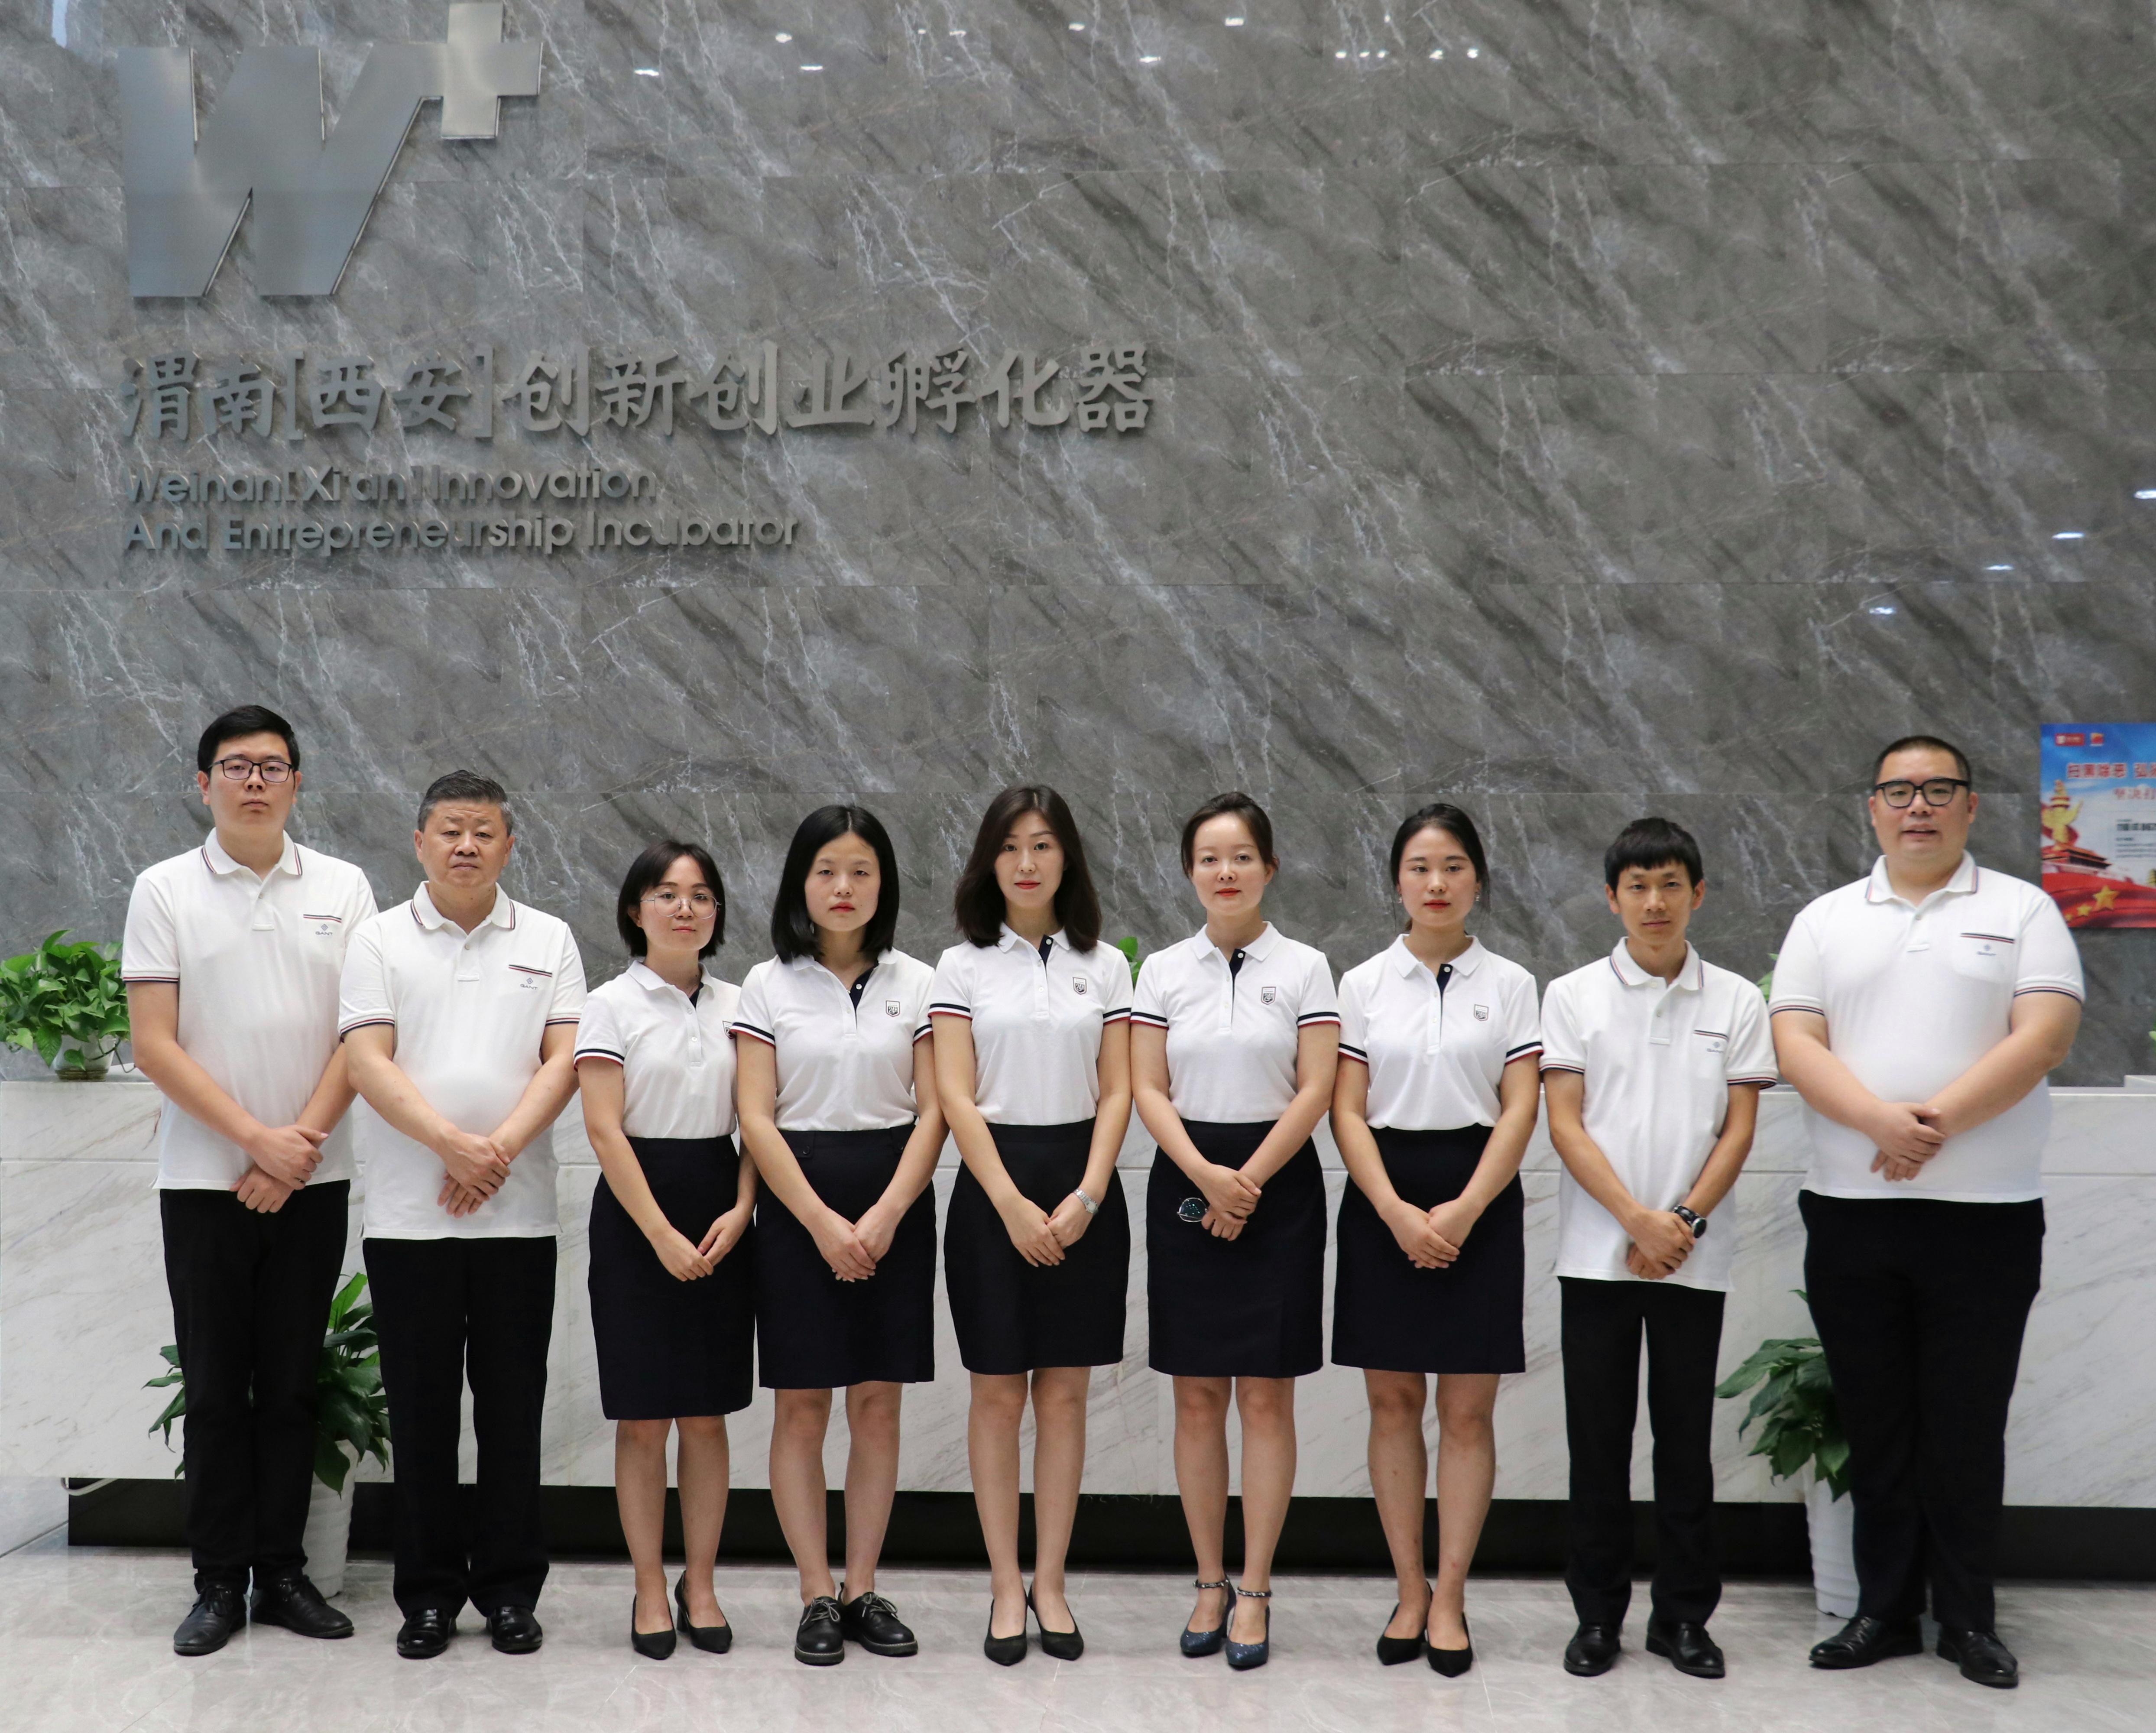 渭南(西安)创新创业孵化器运营团队.jpg